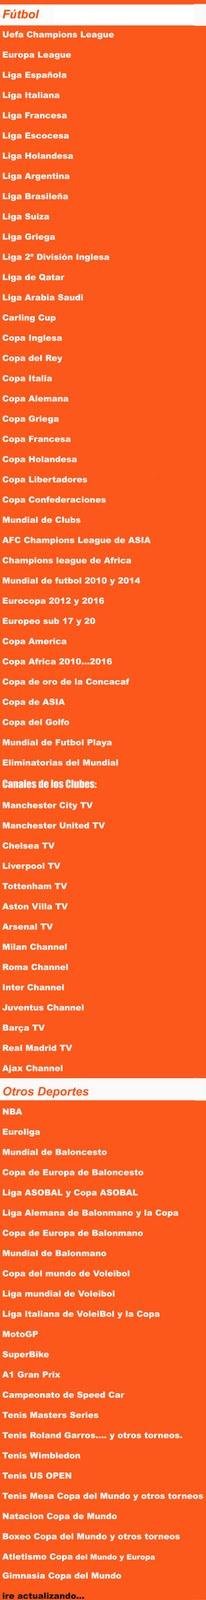 Aljazeera Sport tiene los derechos de: